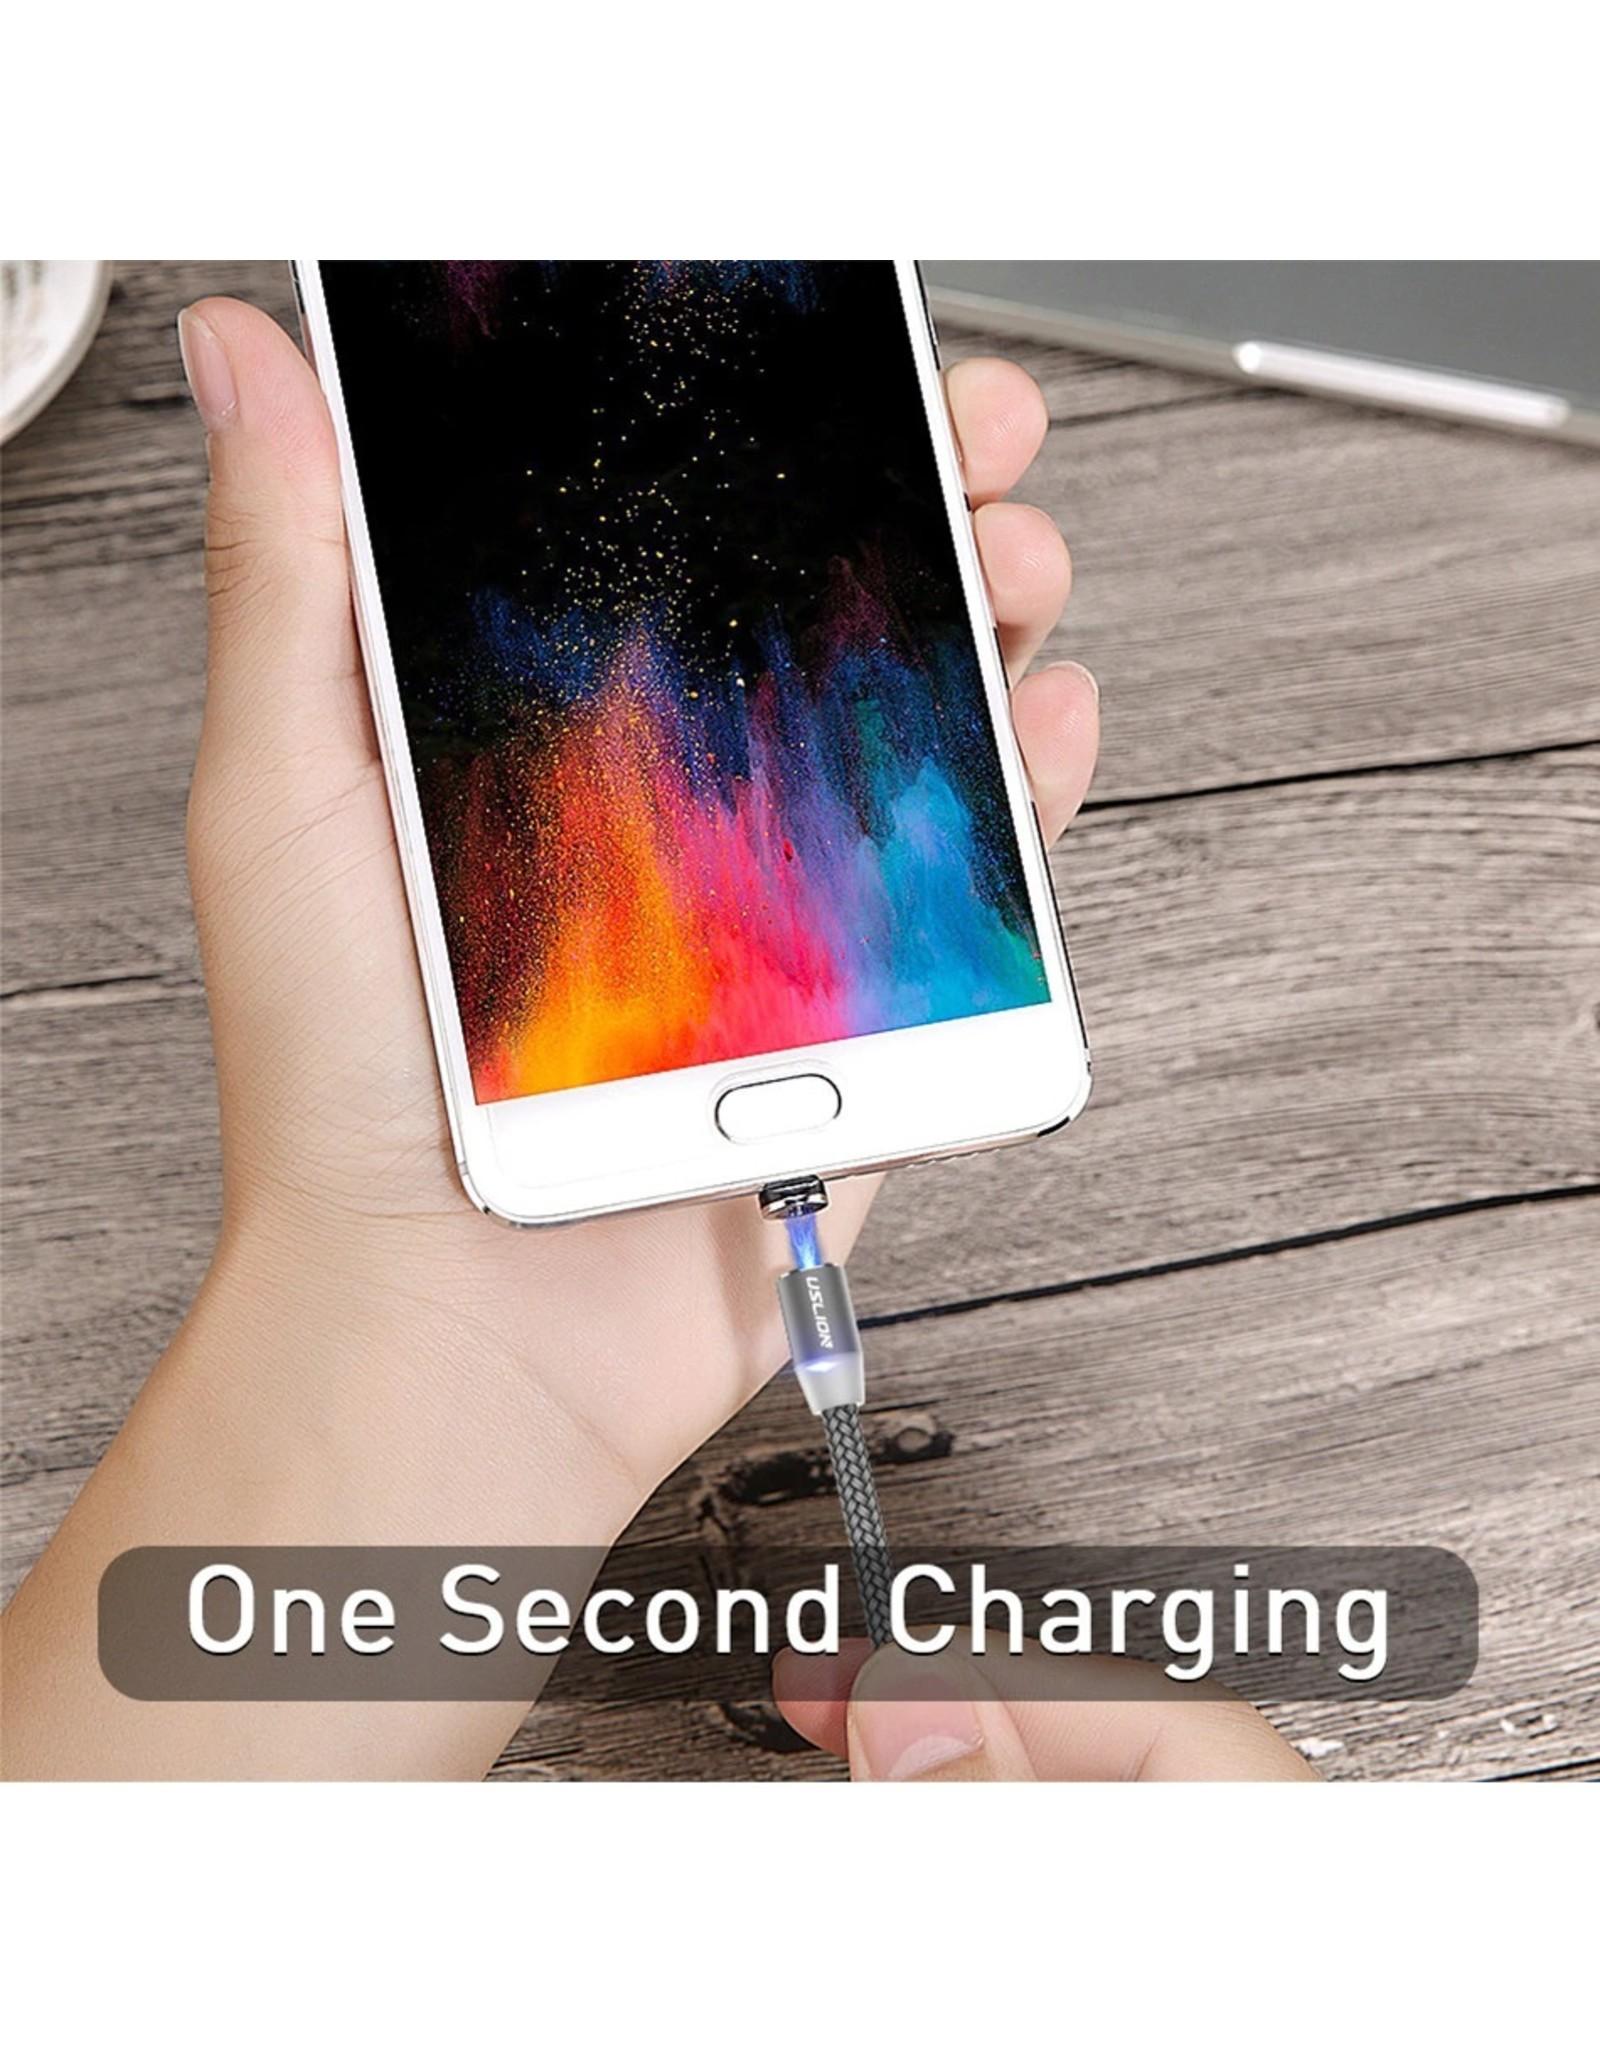 Magnetische Oplaadkabel - Magneet met iPhone adapter - 360 graden – Laadkabel draaibaar – Voor iPhone